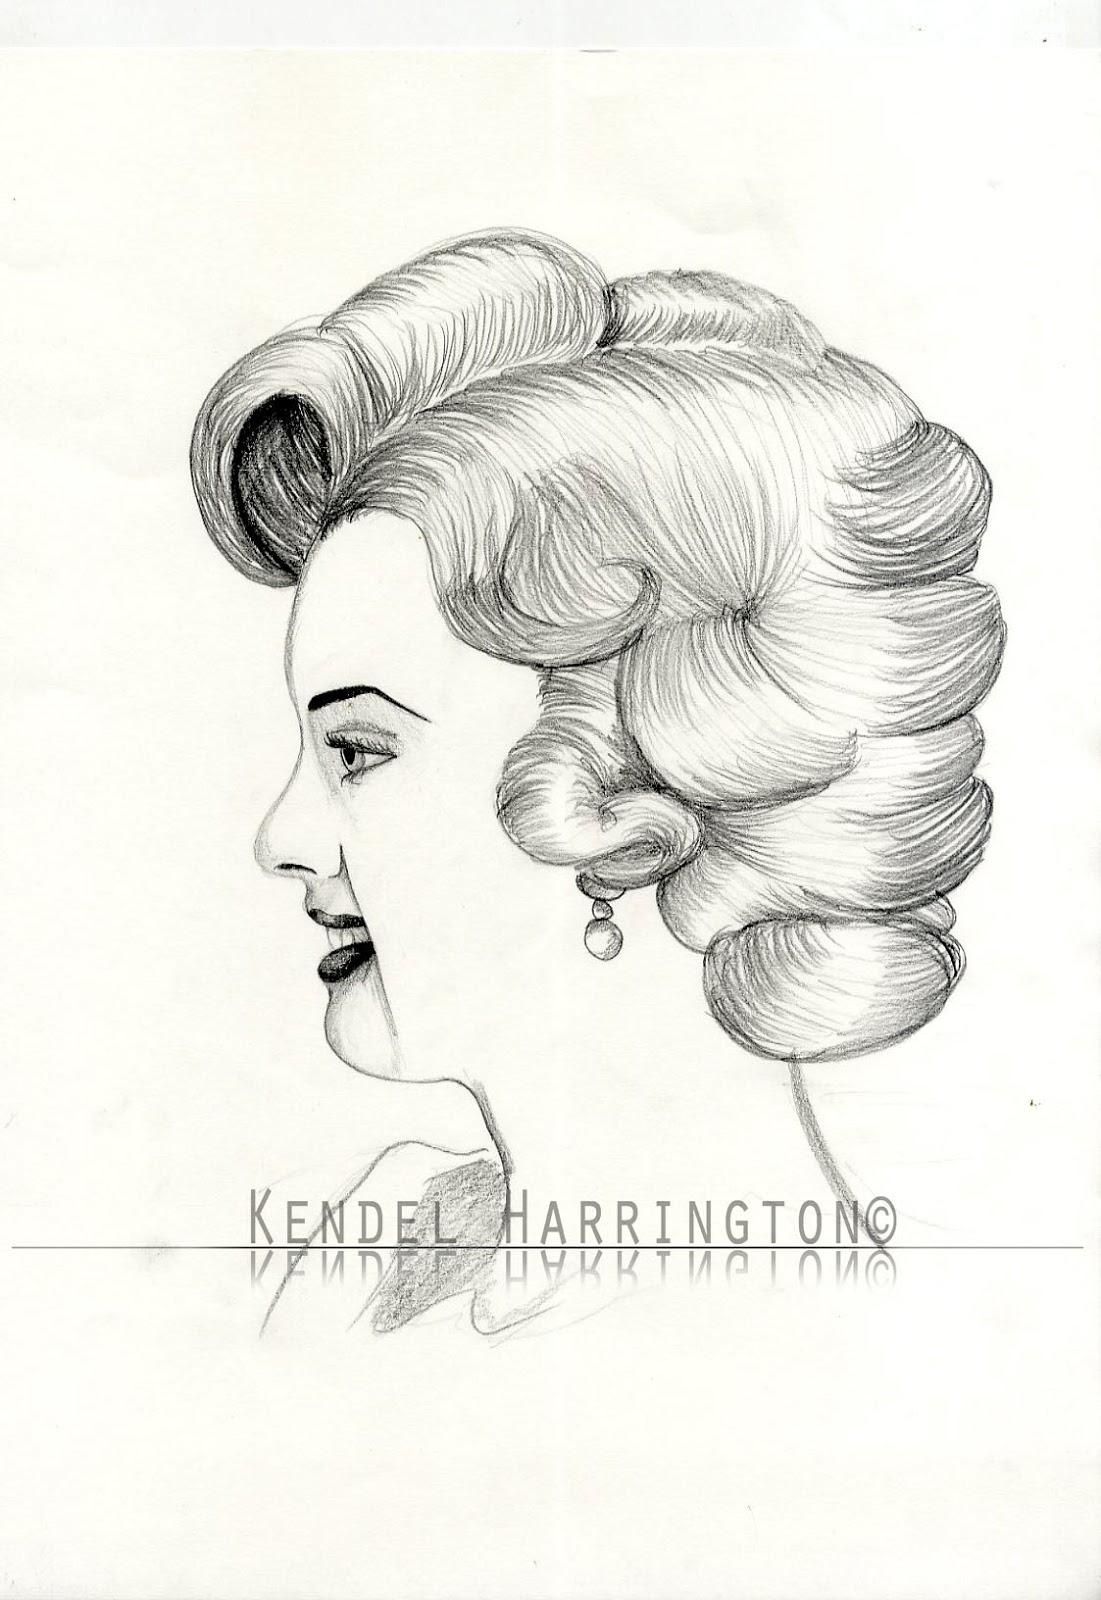 Drawn princess side view Profile drawn side Kendel own